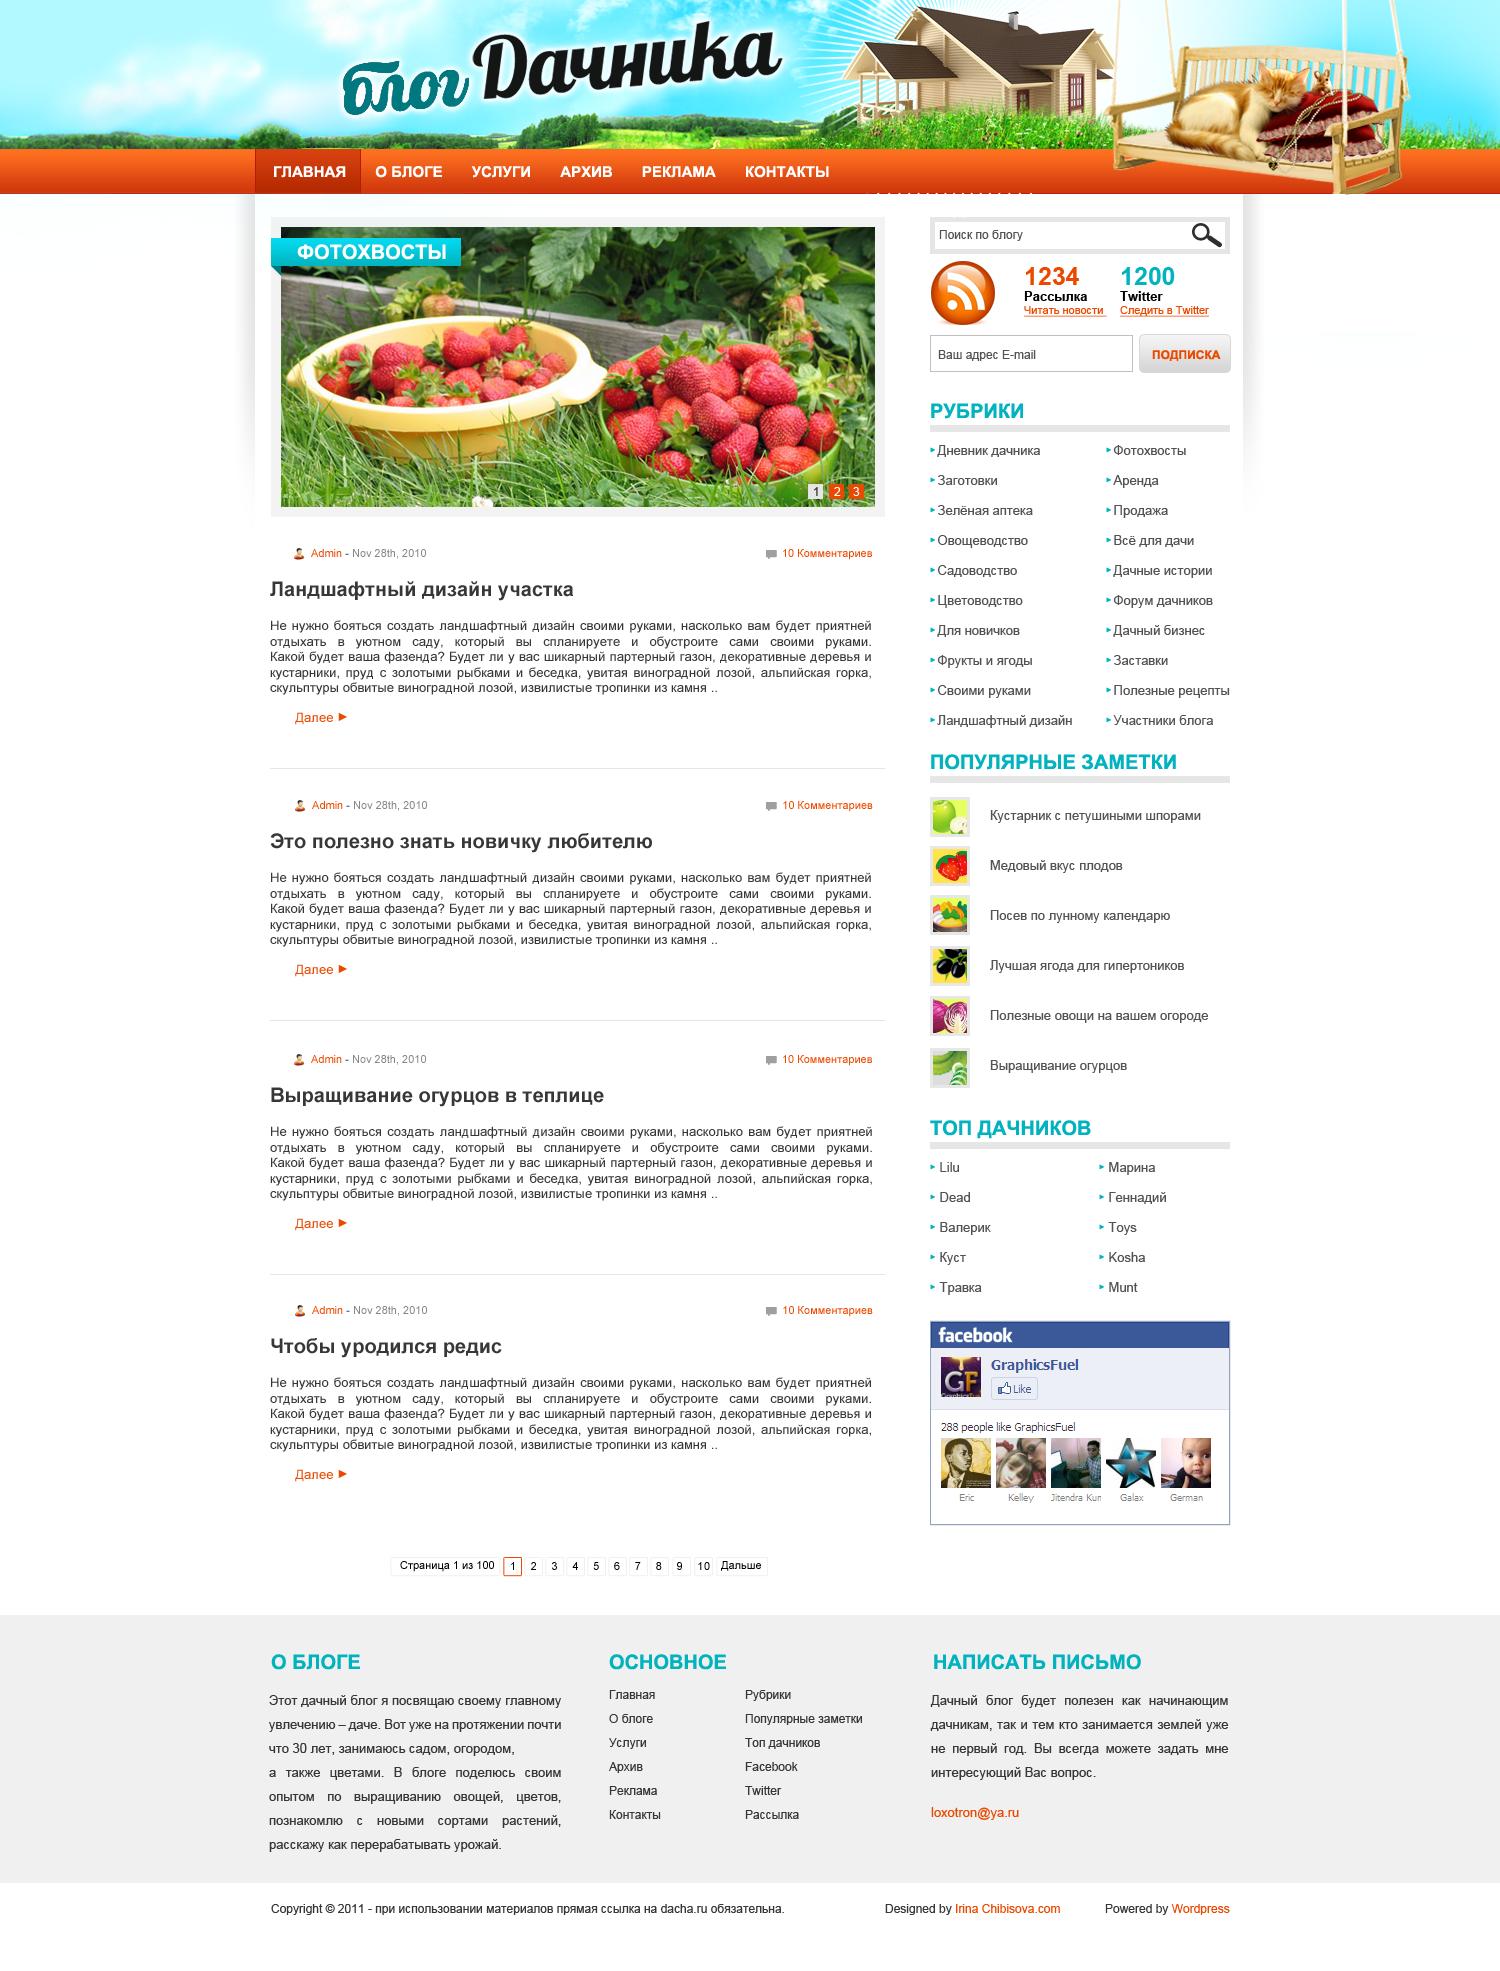 разработка сайта под ключ http://m-dacha.ru/